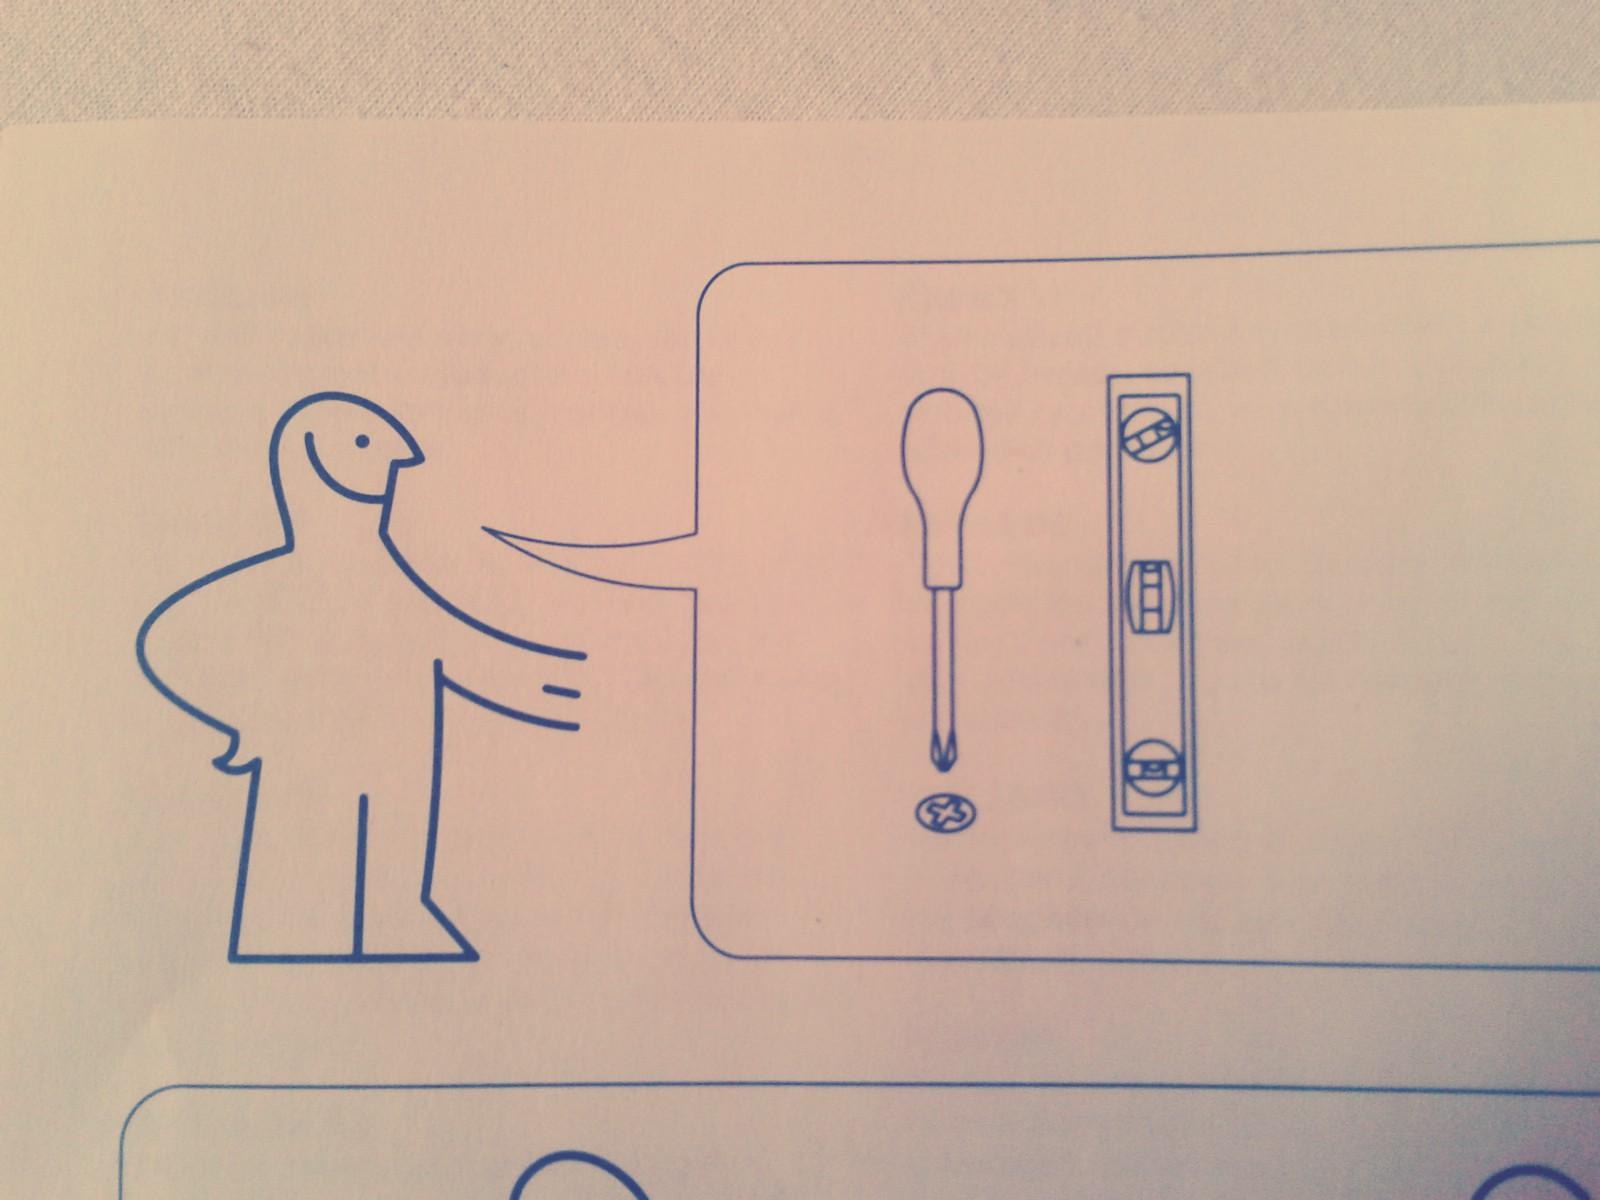 Was bedeutet dieses Zeichen in der Ikea Anleitung? (Mechanik, Spiegel)